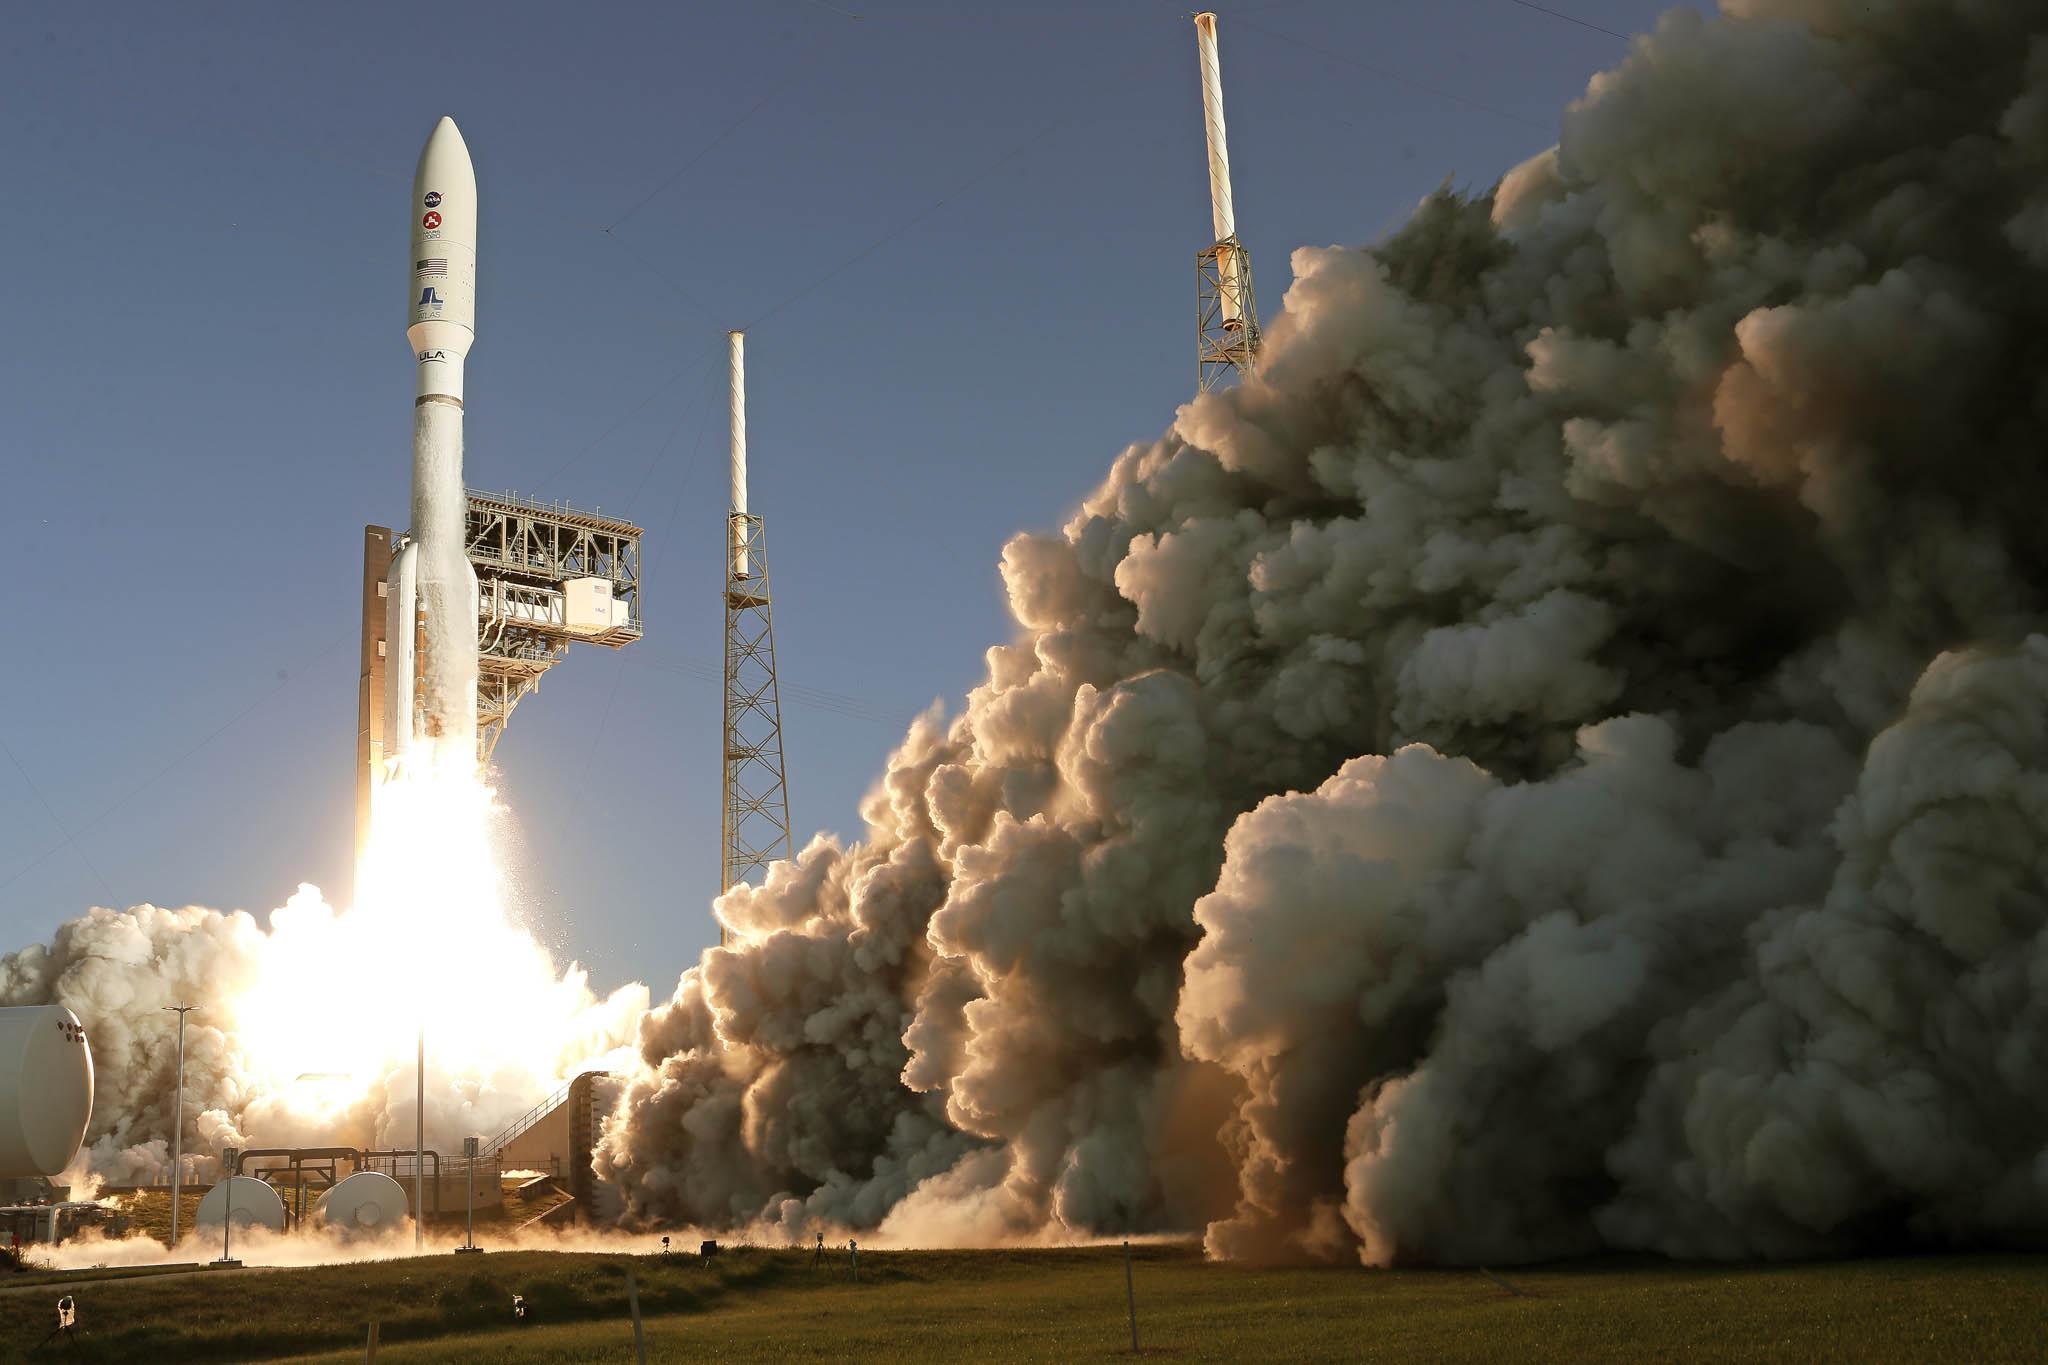 Napalubě rakety AtlasVvčera zfloridského Mysu Canaveral odstartovalo robotické vozítko Perseverance (Vytrvalost). Vúnoru příštího roku by mělo přistát naMarsu.